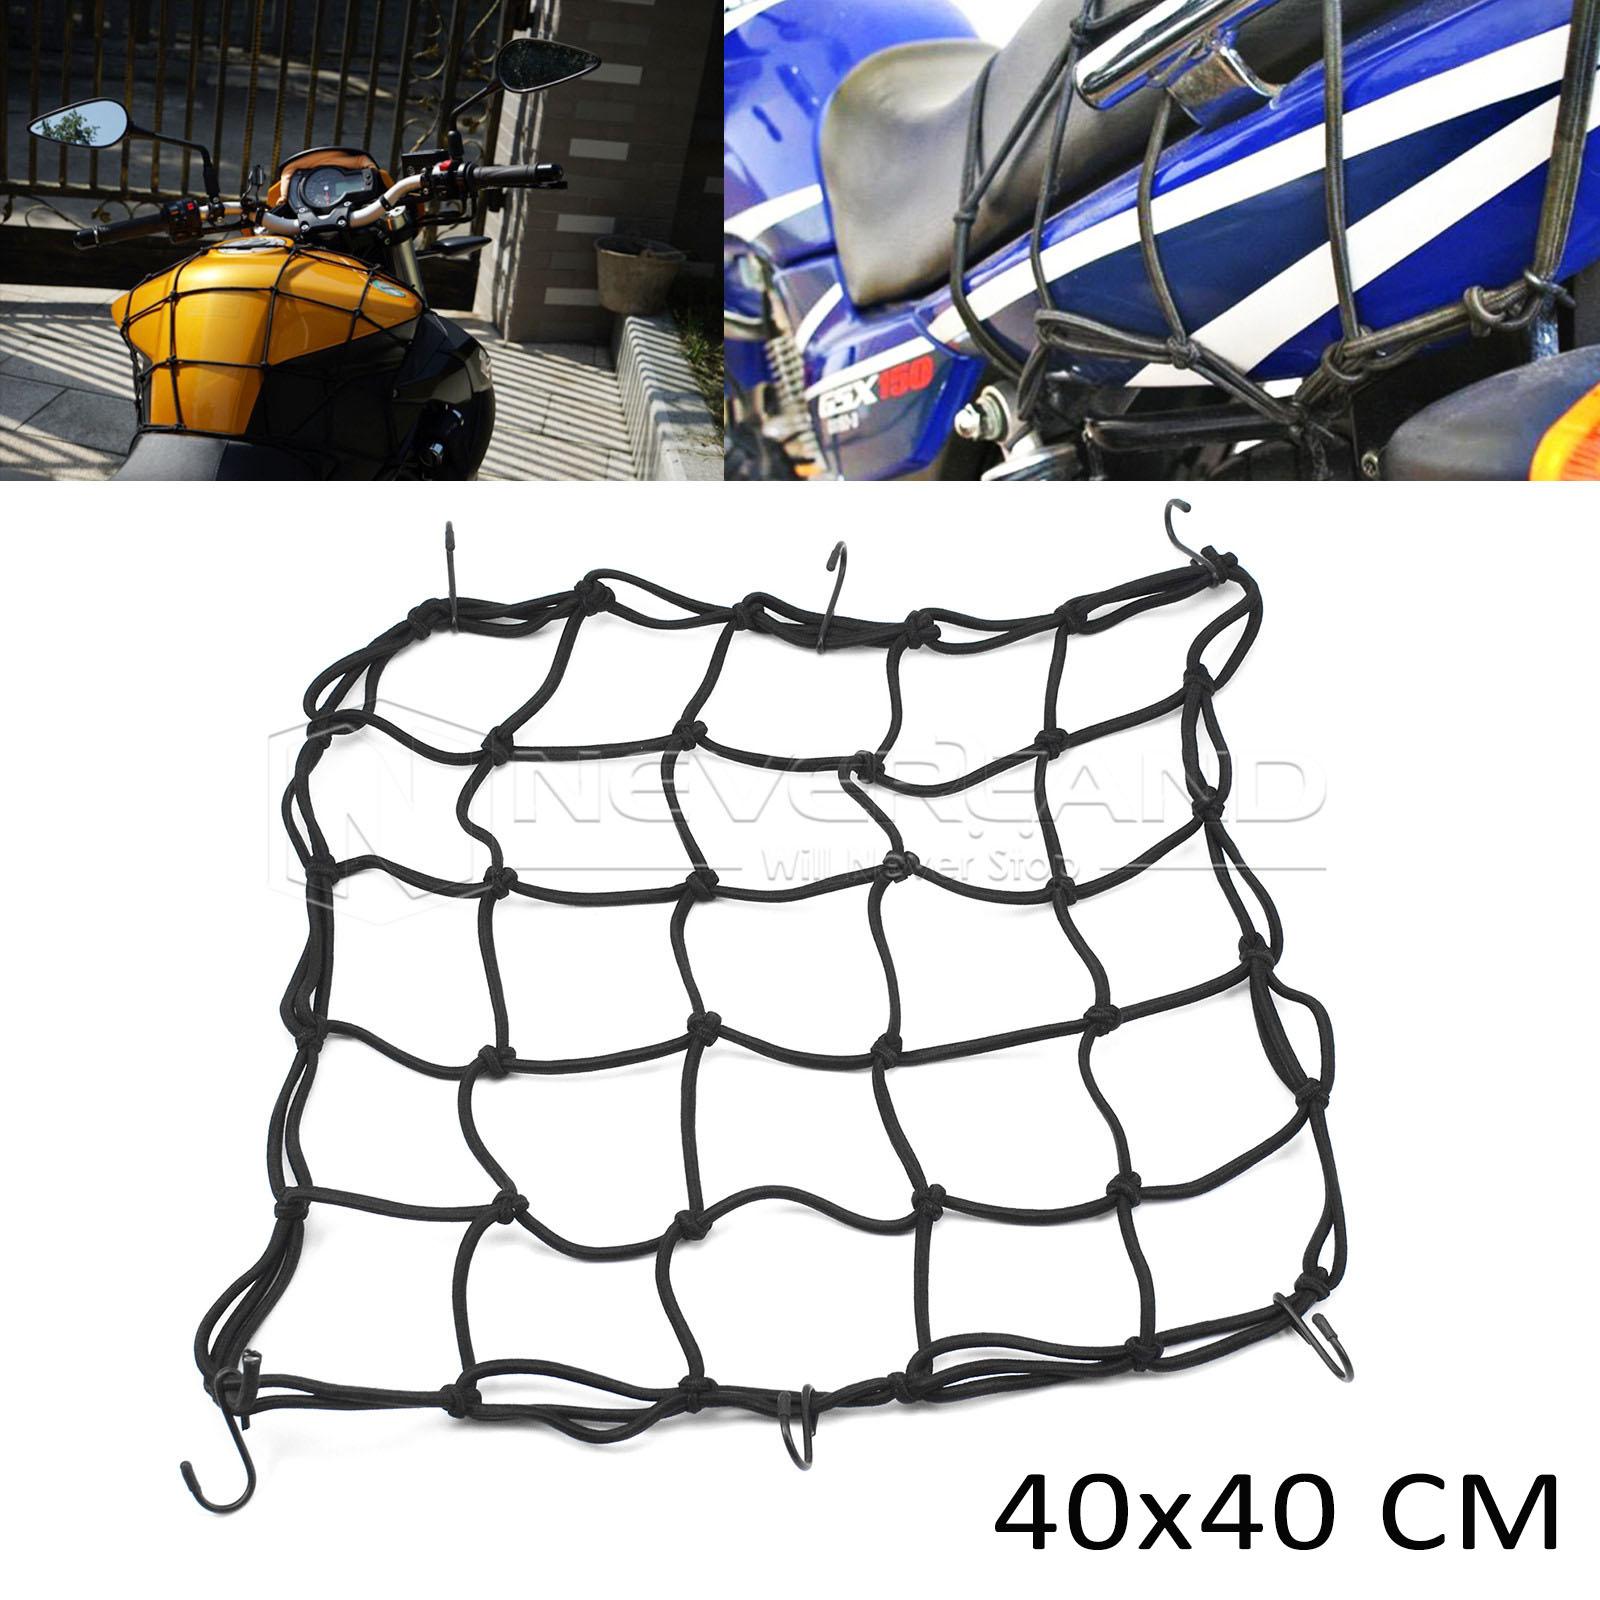 40 40cm 6 crochet filet araign e porte bagage casque elastique noir pour moto ebay. Black Bedroom Furniture Sets. Home Design Ideas